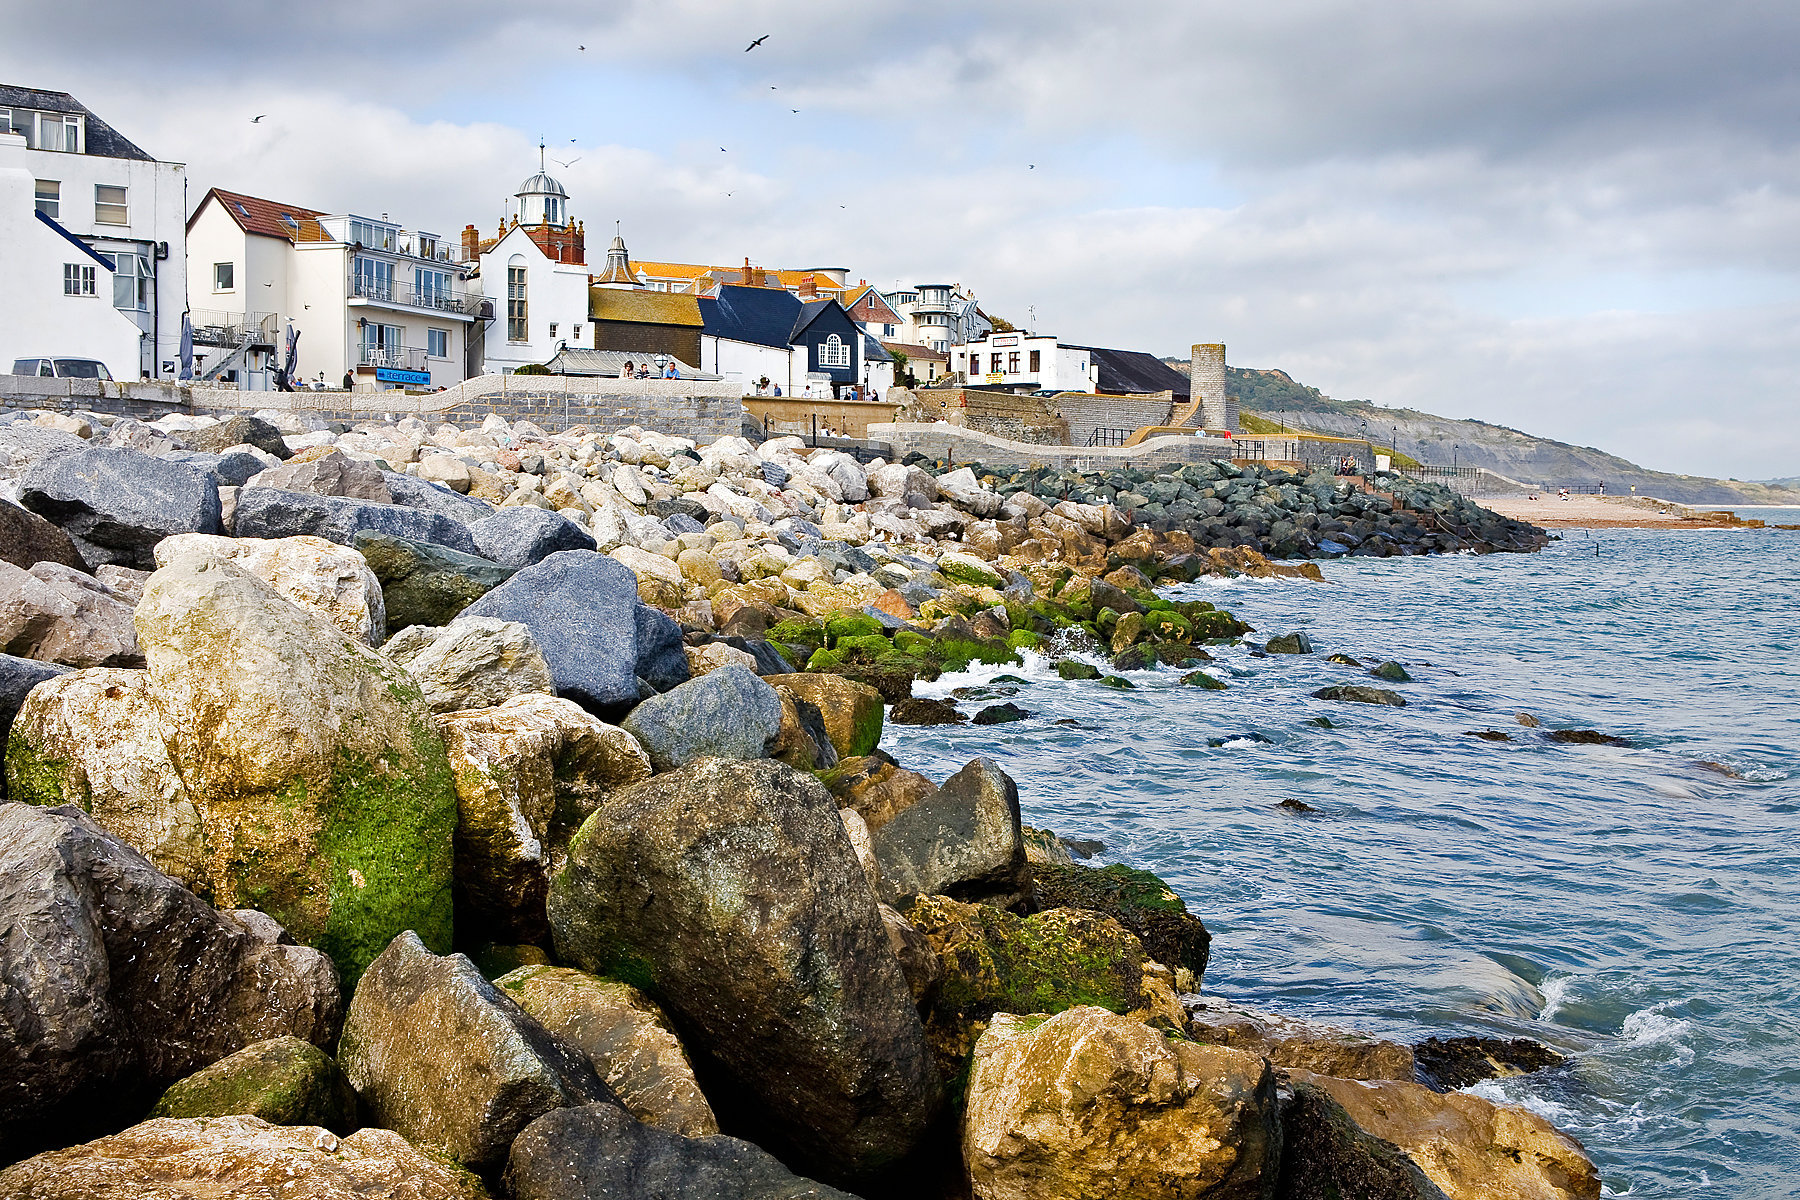 Lyme Regis: UK